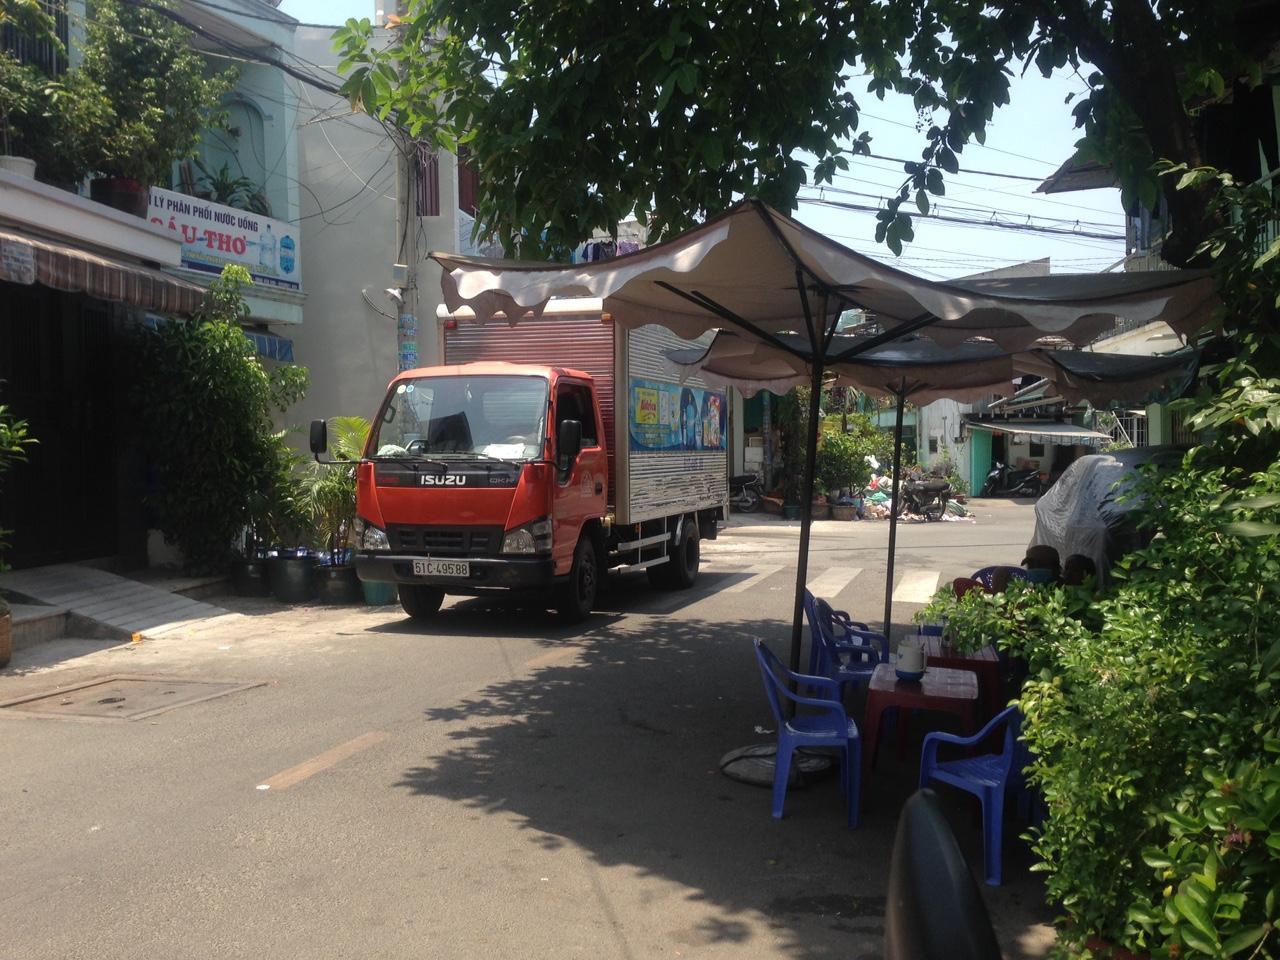 Nhà Phố Mặt Tiền Đường Phan Văn Năm Quận Tân Phú 02